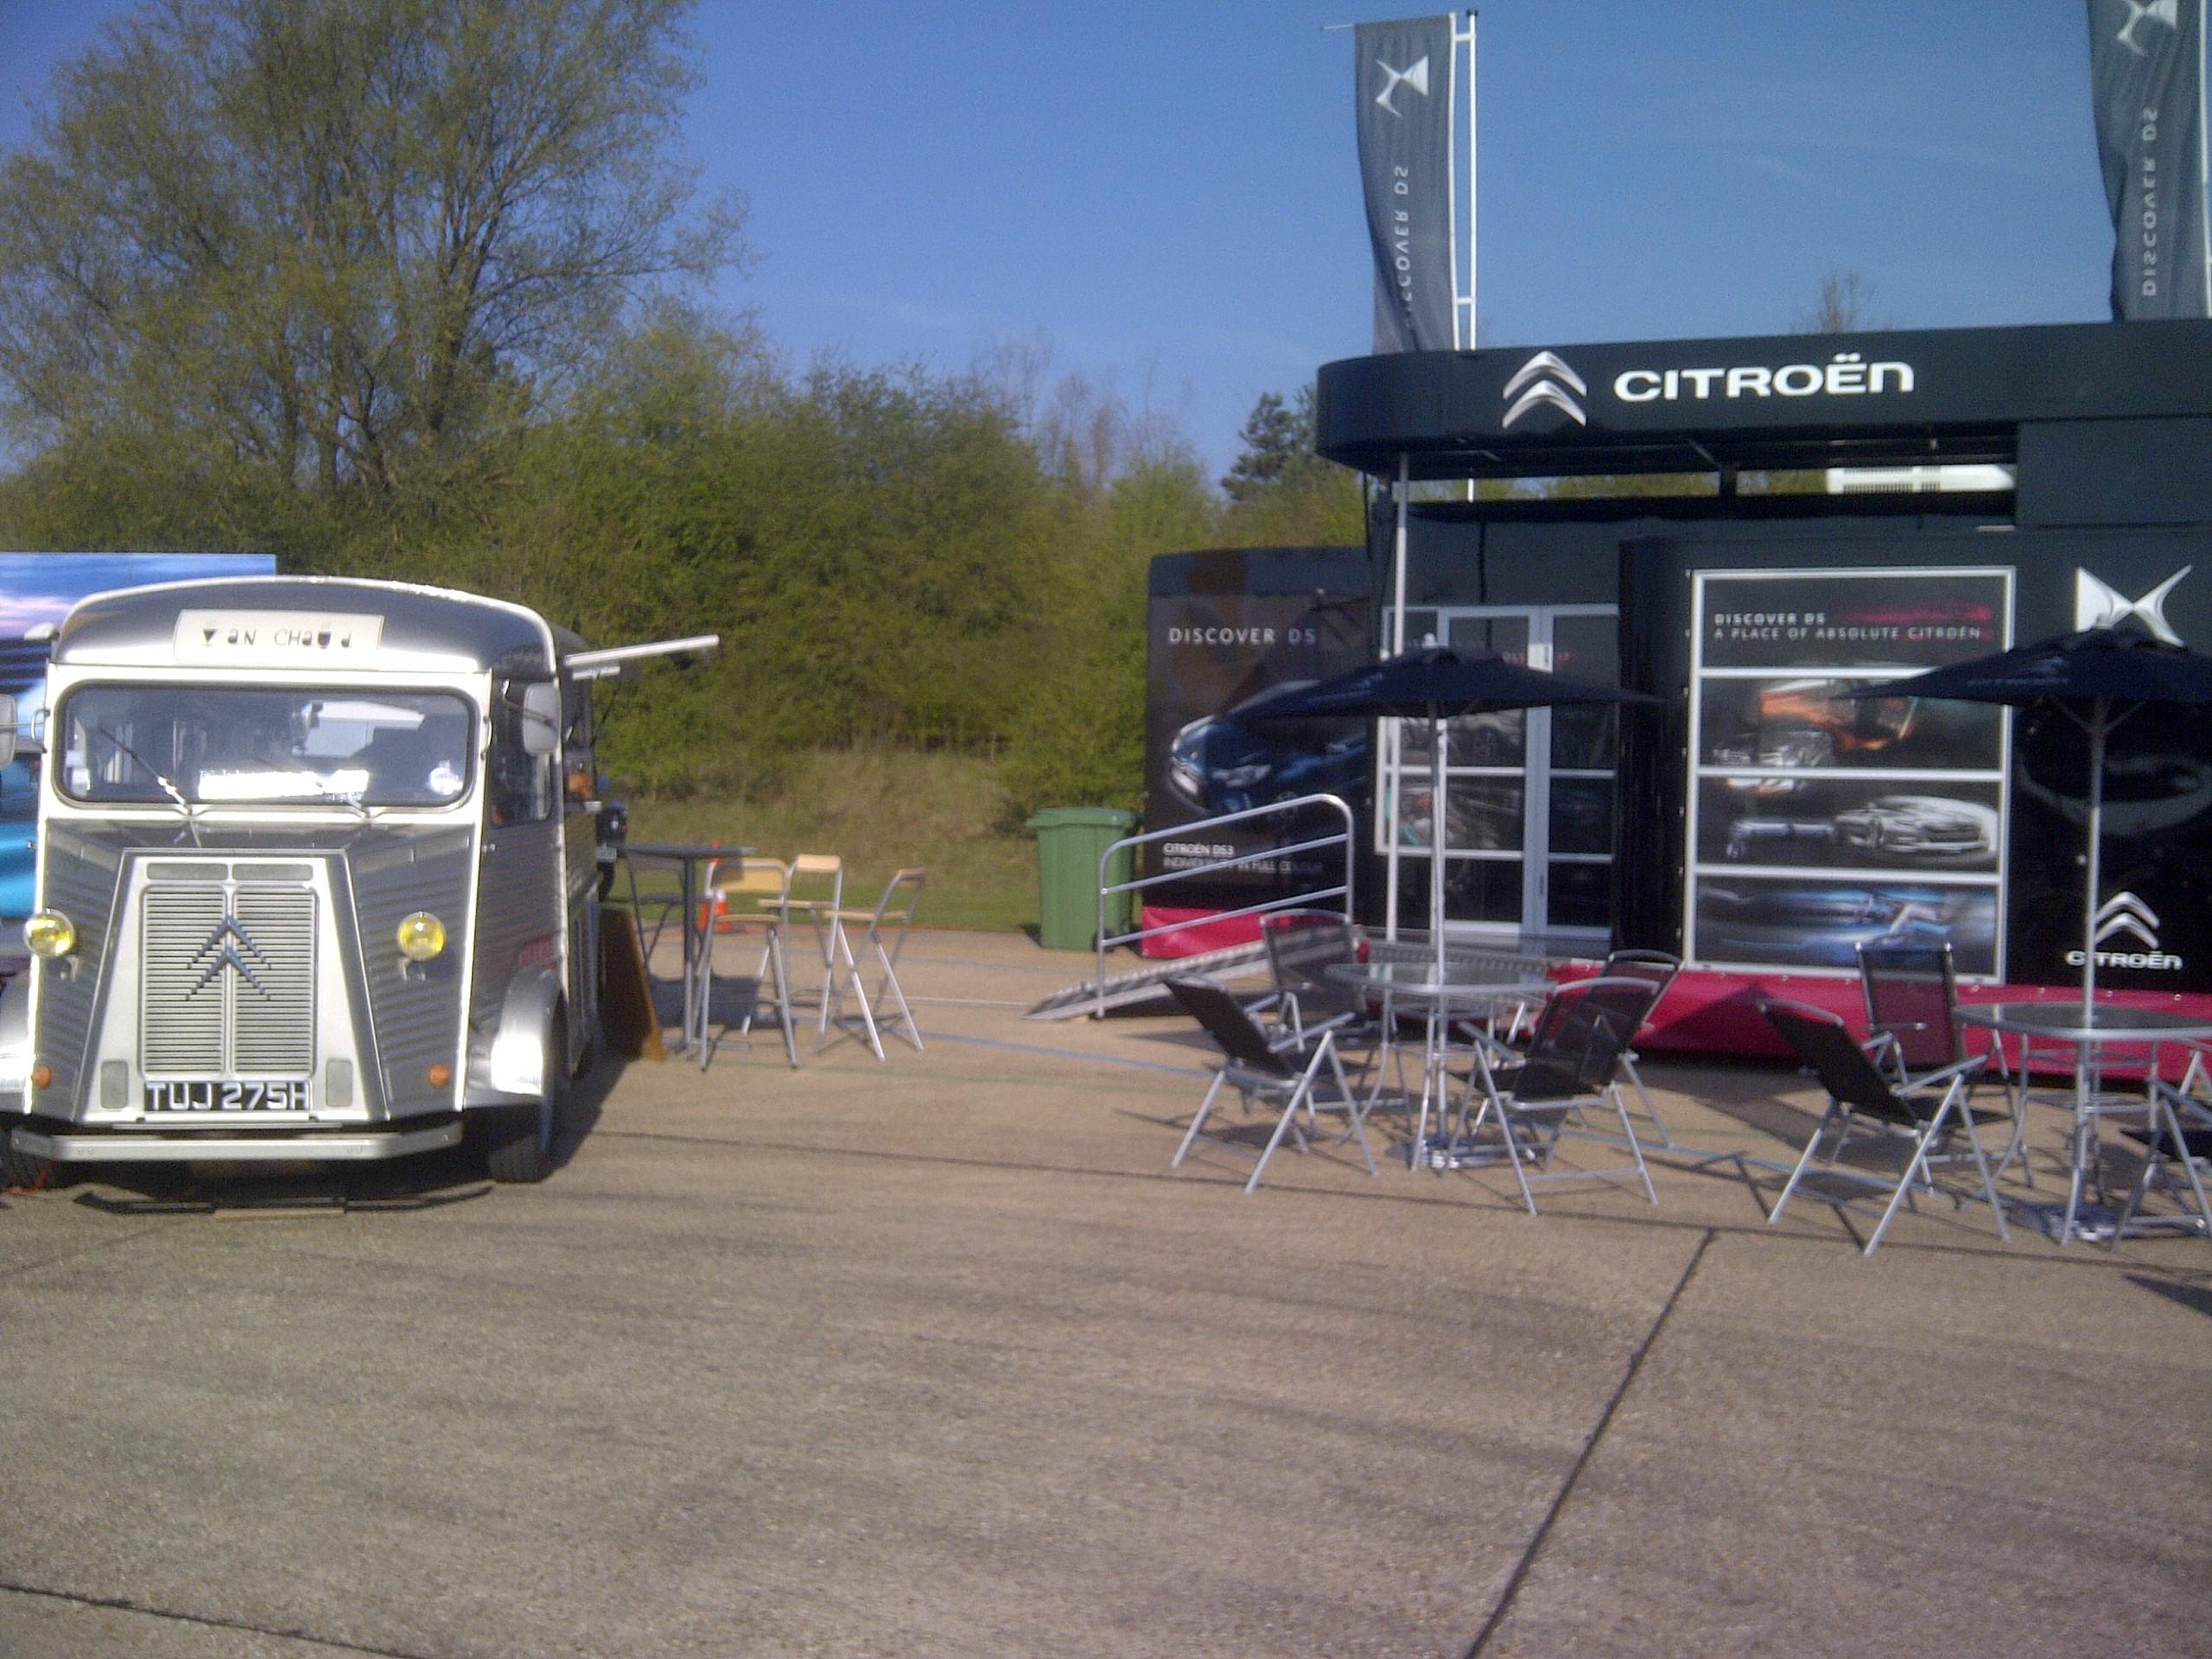 Back with Citroen UK for the SMMT near Milton Keynes